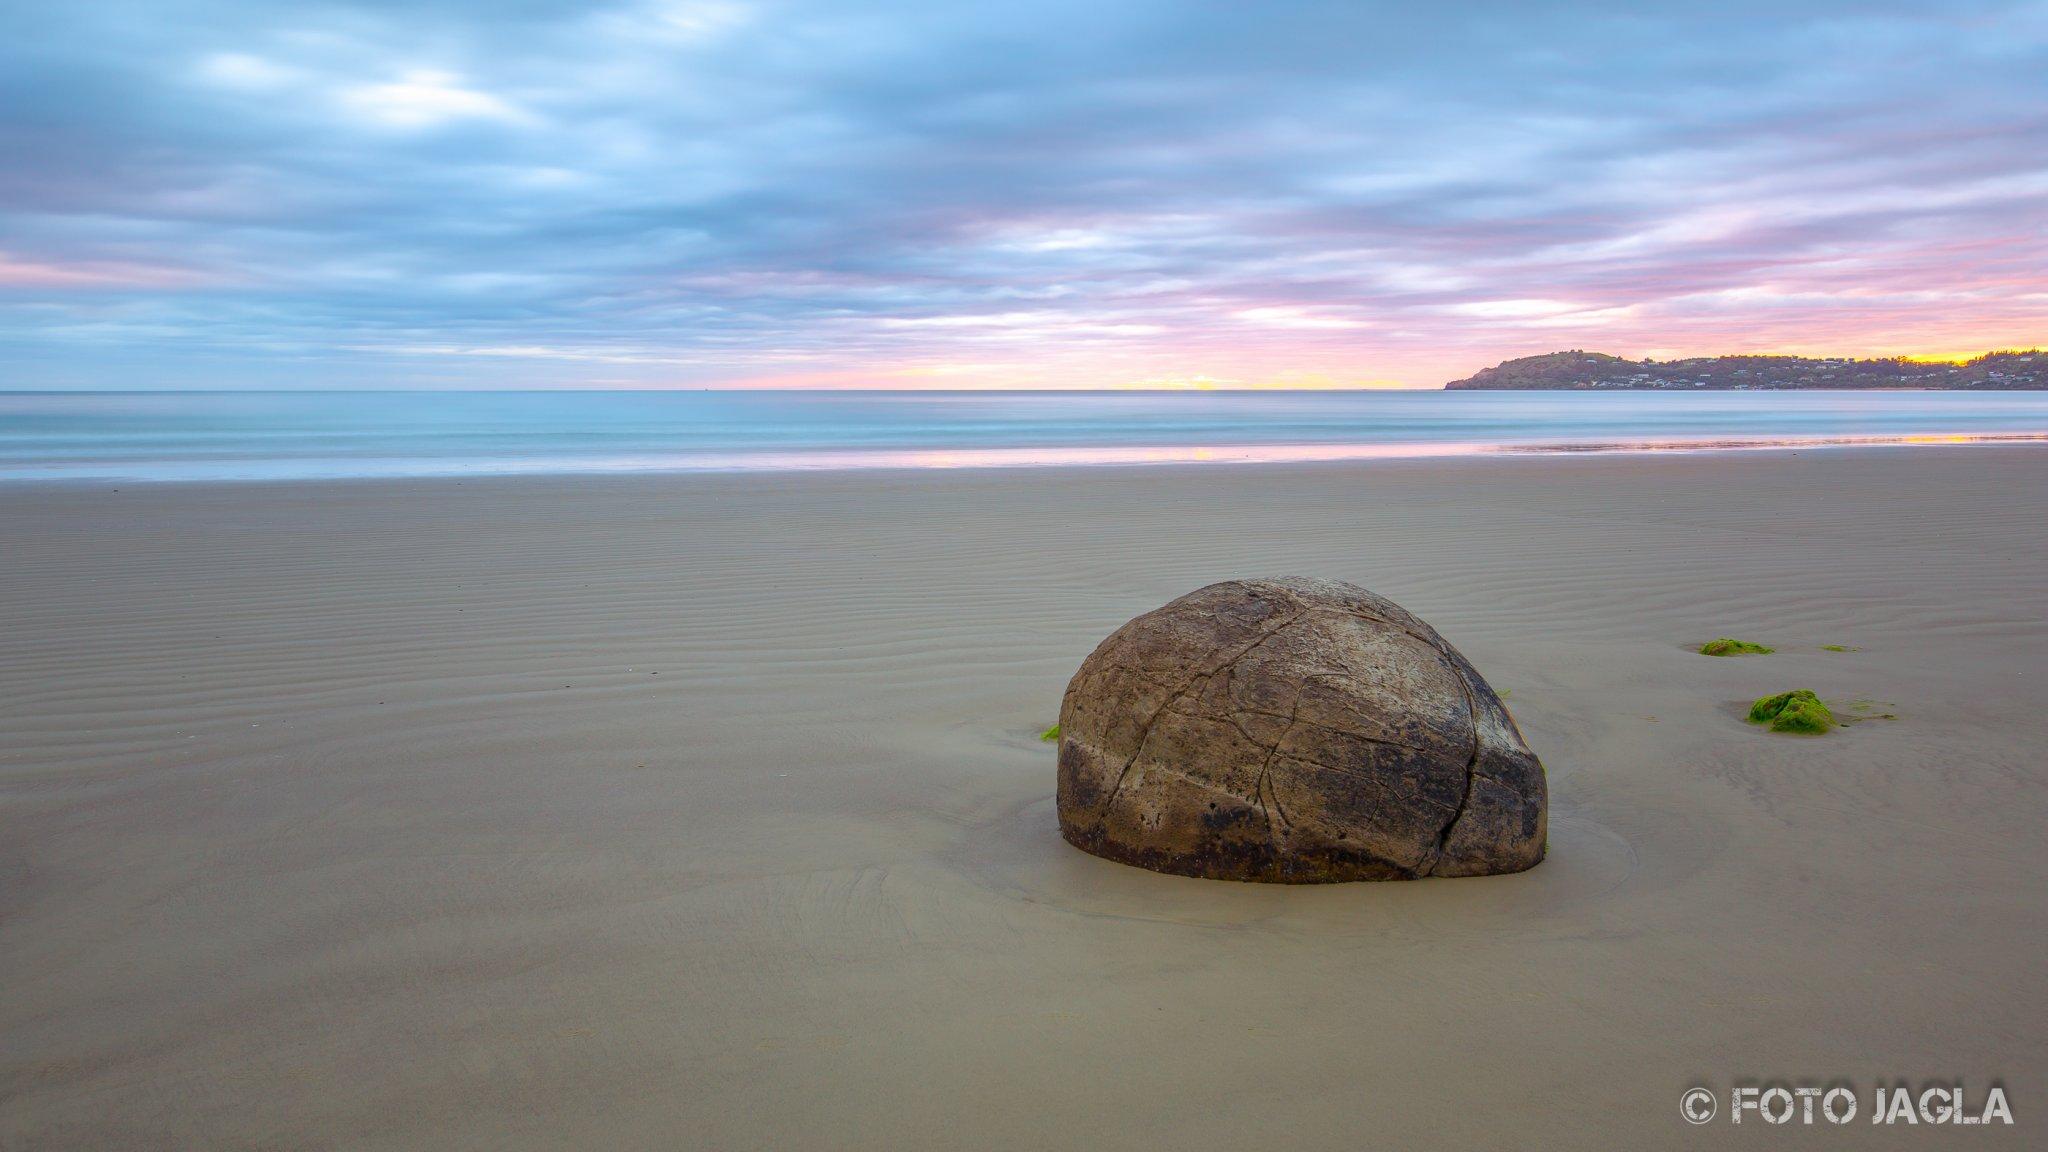 Moeraki Boulders bei Sonnenaufgang am Koekohe Beach an der Küste von Otago Neuseeland (Südinsel)